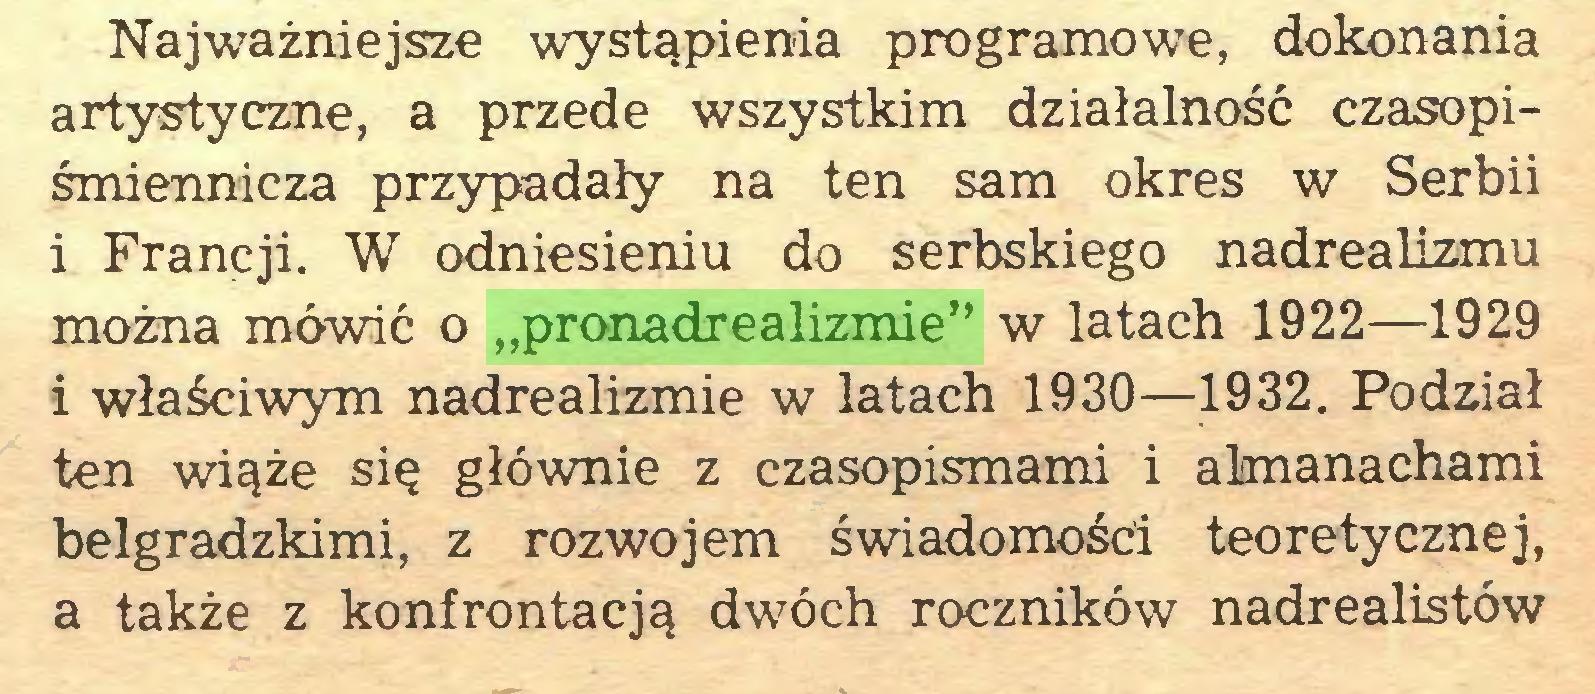 """(...) Najważniejsze wystąpienia programowe, dokonania artystyczne, a przede wszystkim działalność czasopiśmiennicza przypadały na ten sam okres w Serbii i Francji. W odniesieniu do serbskiego nadrealizmu można mówić o """"pronadrealizmie"""" w latach 1922—1929 i właściwym nadrealizmie w latach 1930—1932. Podział ten wiąże się głównie z czasopismami i almanachami belgradzkimi, z rozwojem świadomości teoretycznej, a także z konfrontacją dwóch roczników nadrealistów..."""